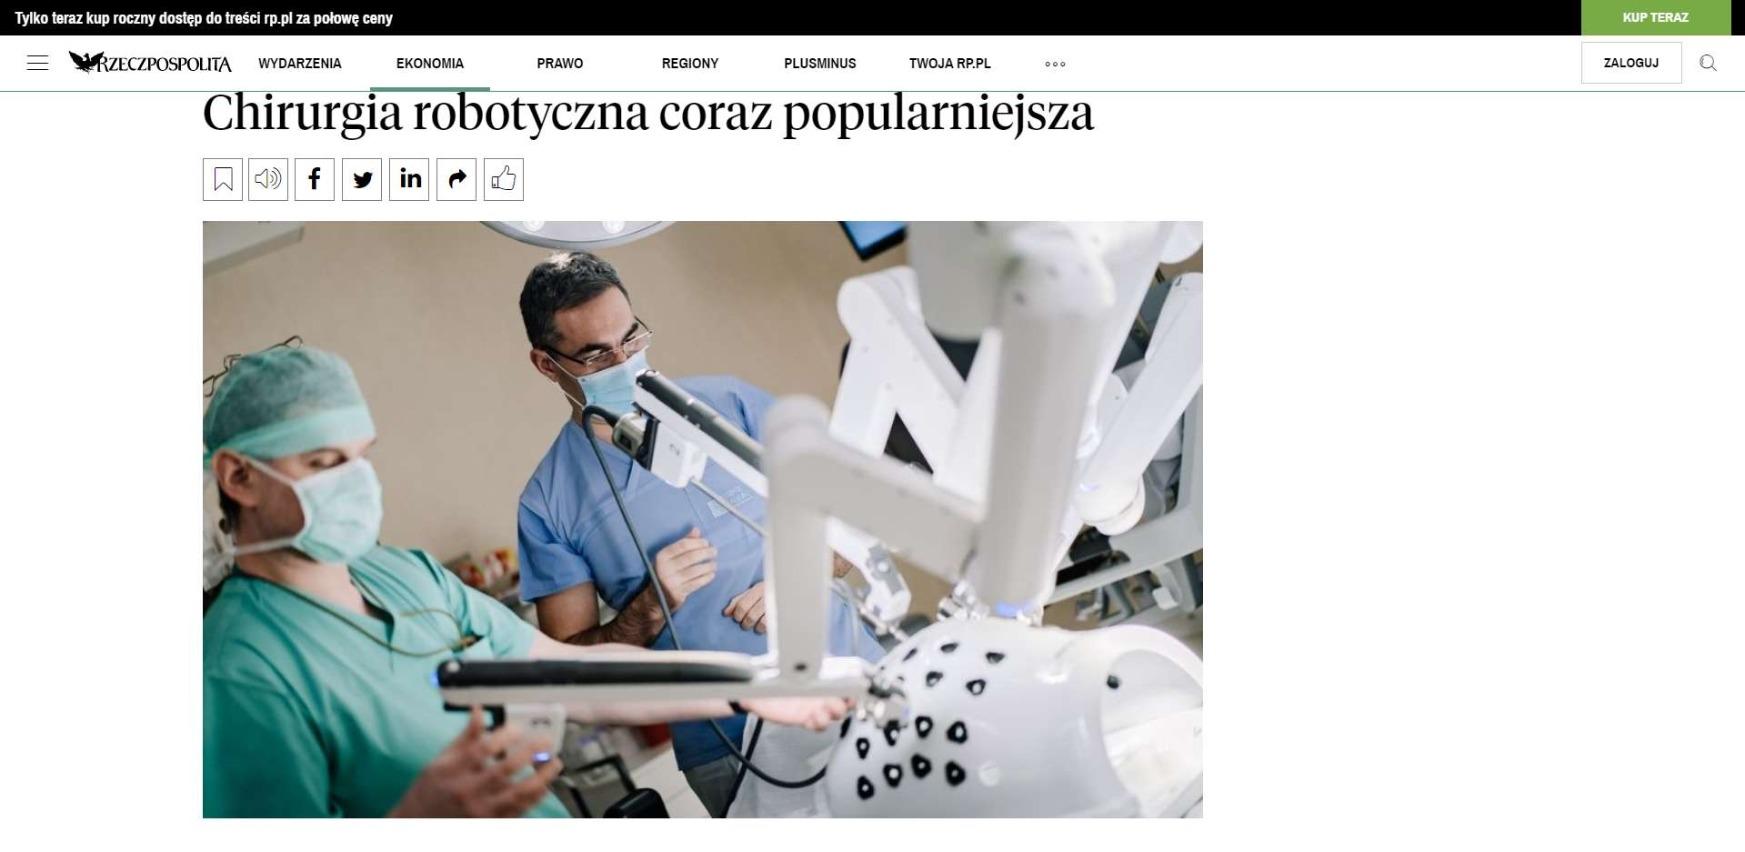 chirurgia robotyczna coraz popularniejsza